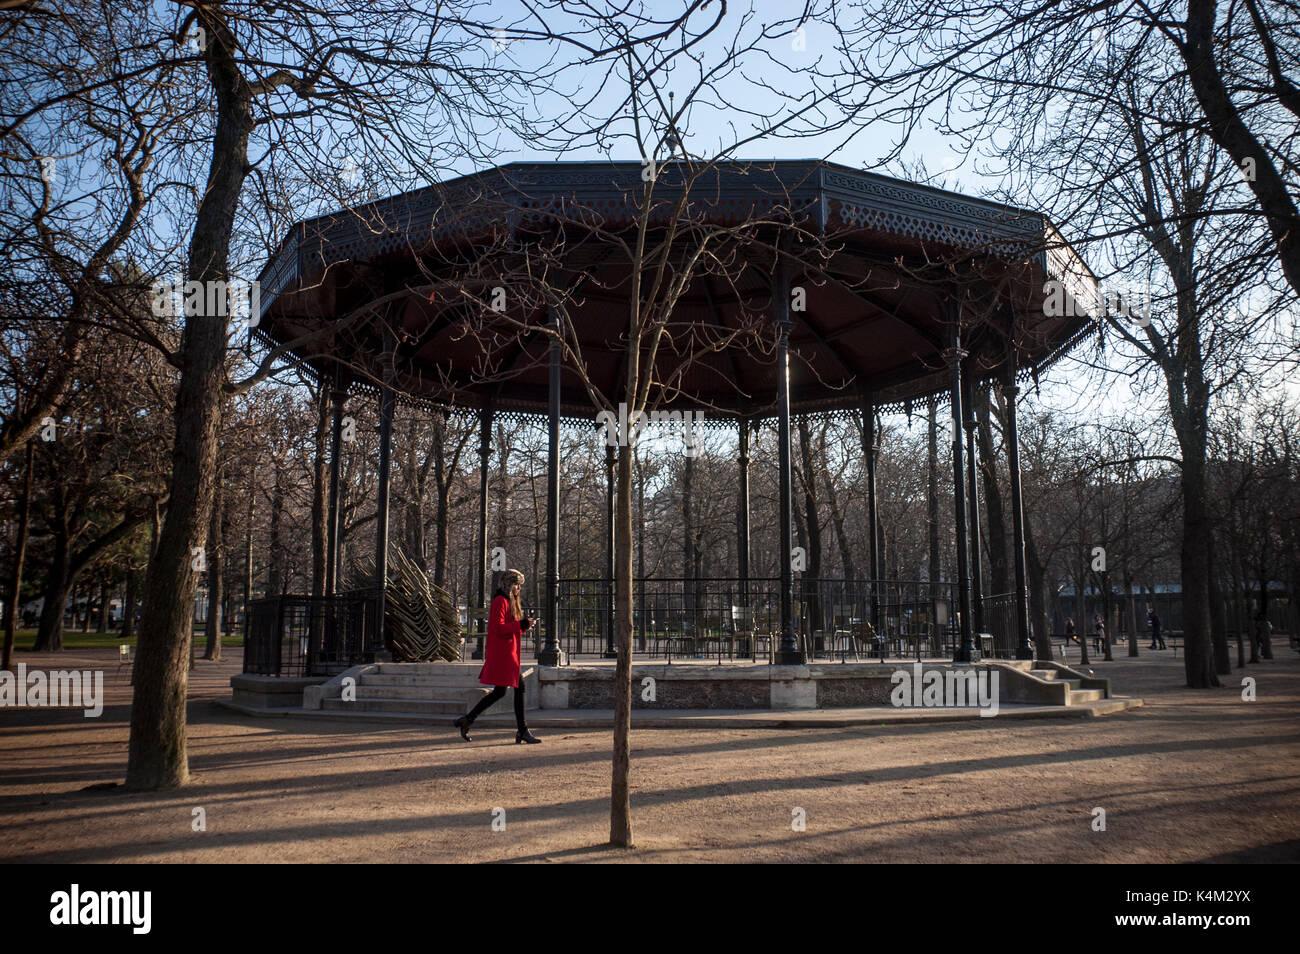 Jardin En Paris Stockfotos & Jardin En Paris Bilder - Alamy